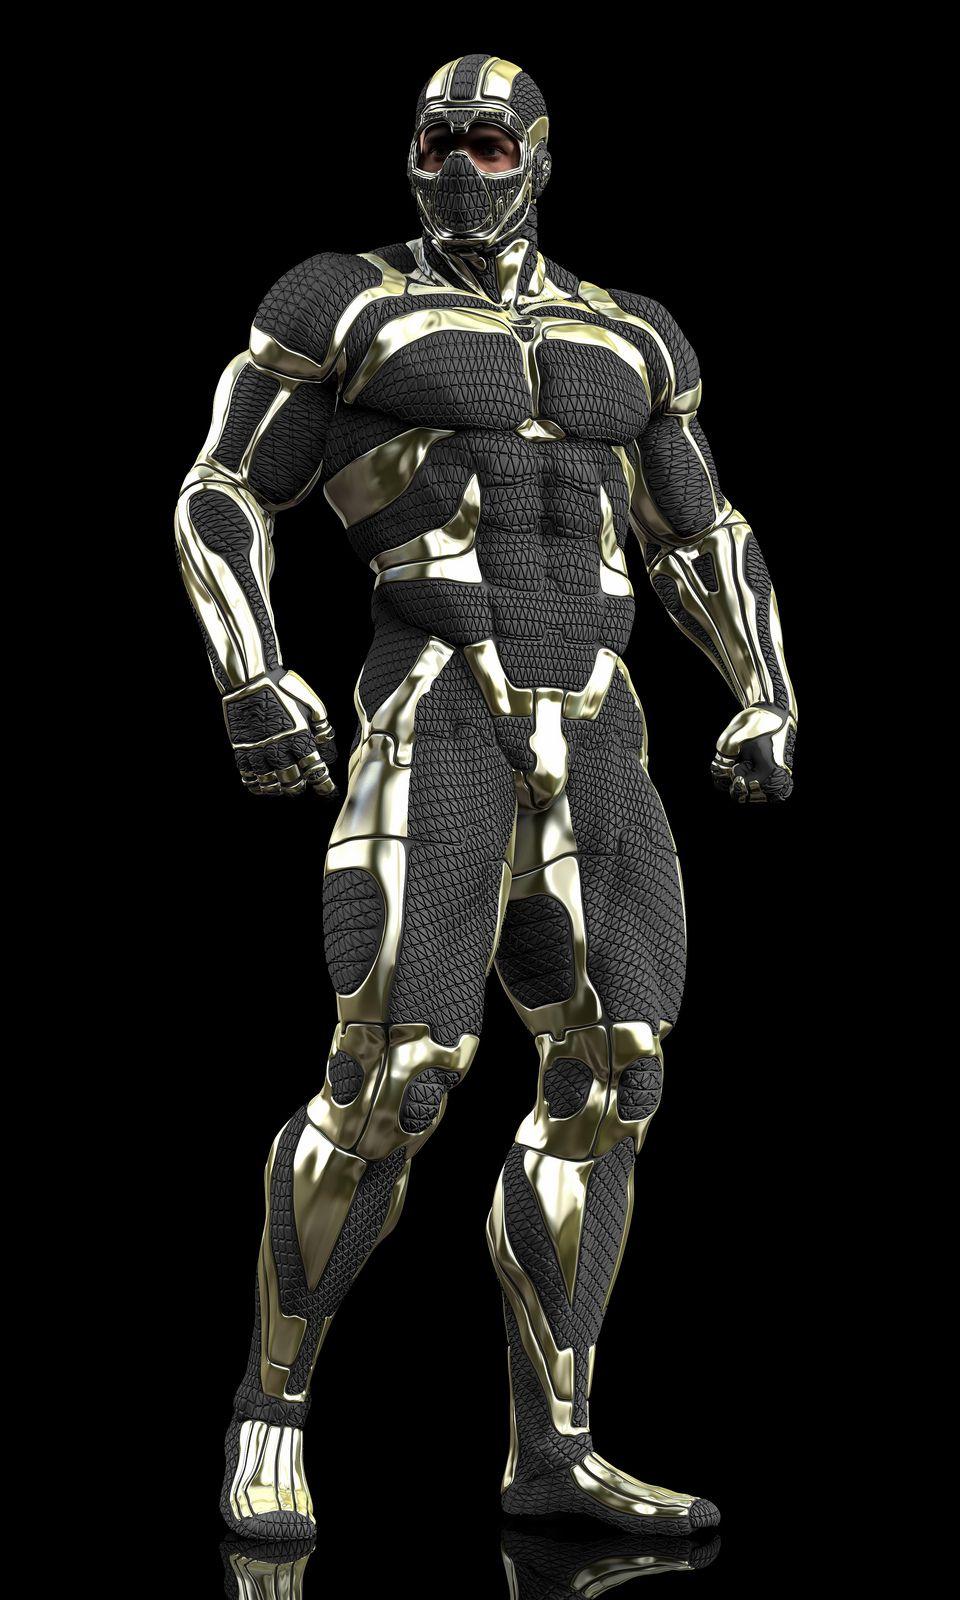 Biosuit Engineer Futuristic Armour Armor Concept Mech Suit